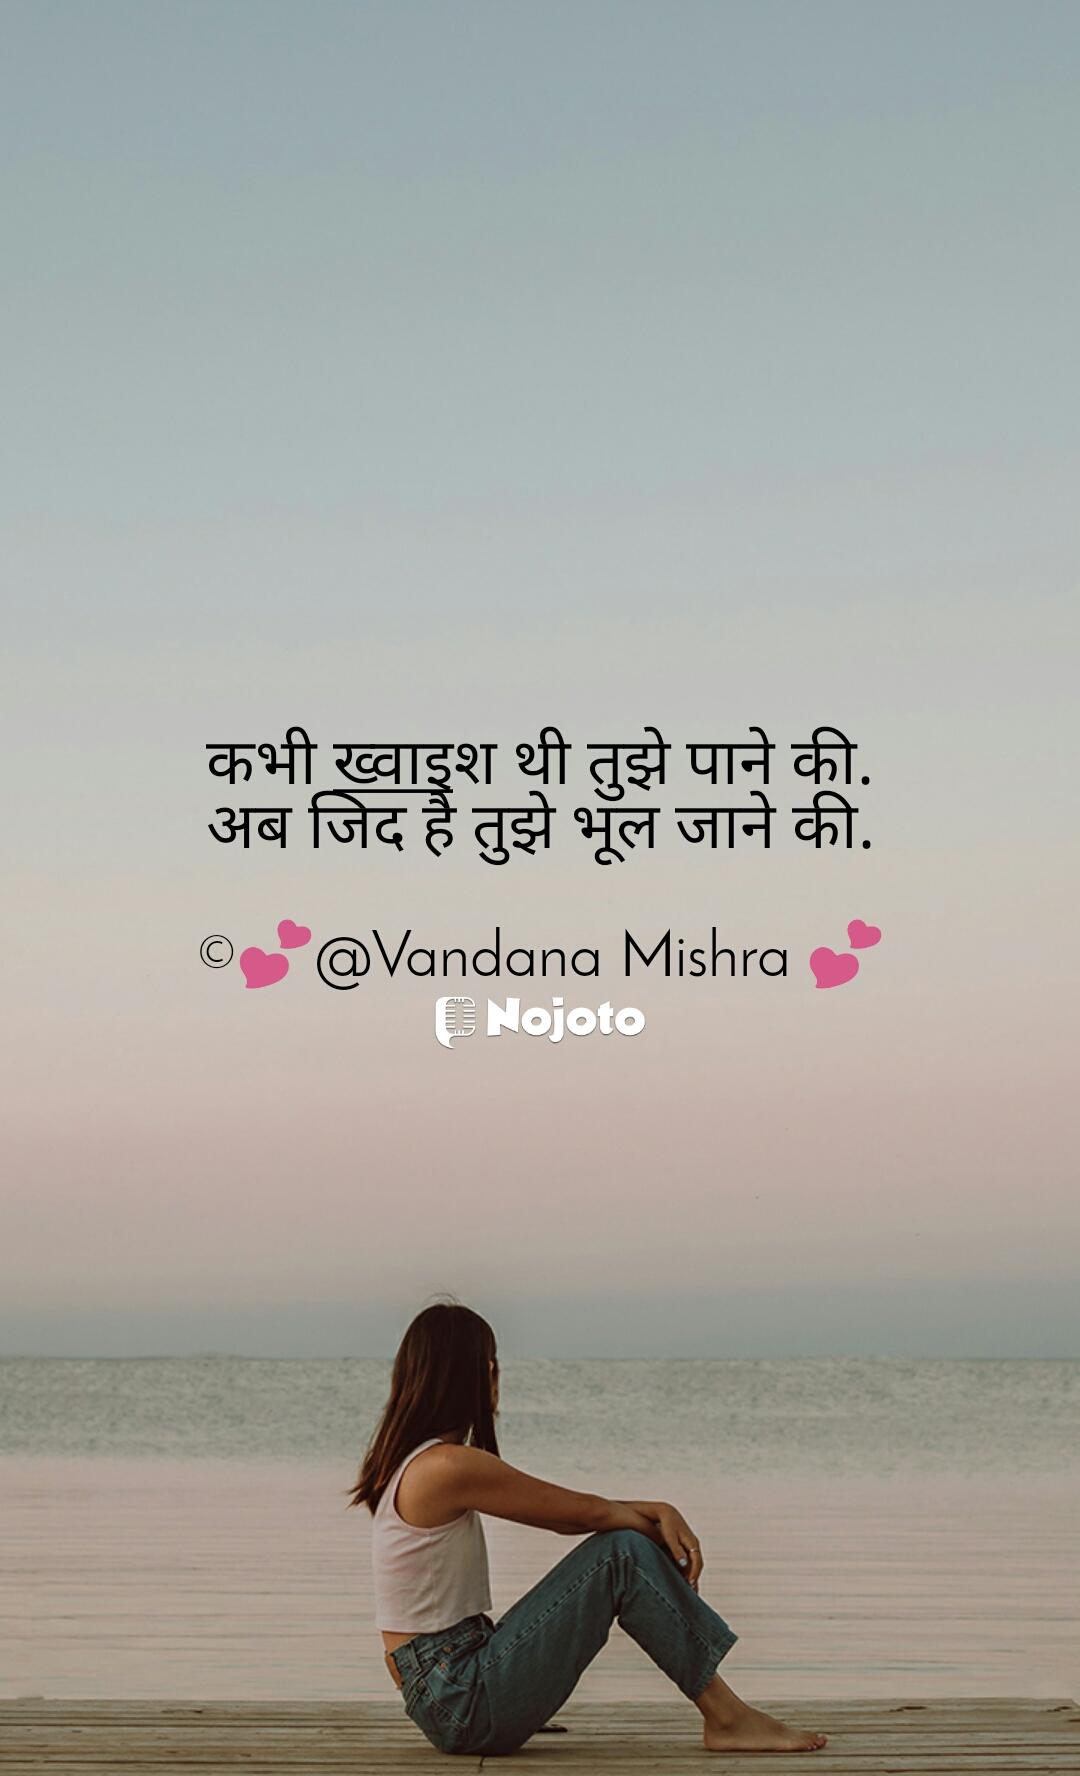 कभी ख्वाइश थी तुझे पाने की. अब जिद है तुझे भूल जाने की.  ©💕@Vandana Mishra 💕